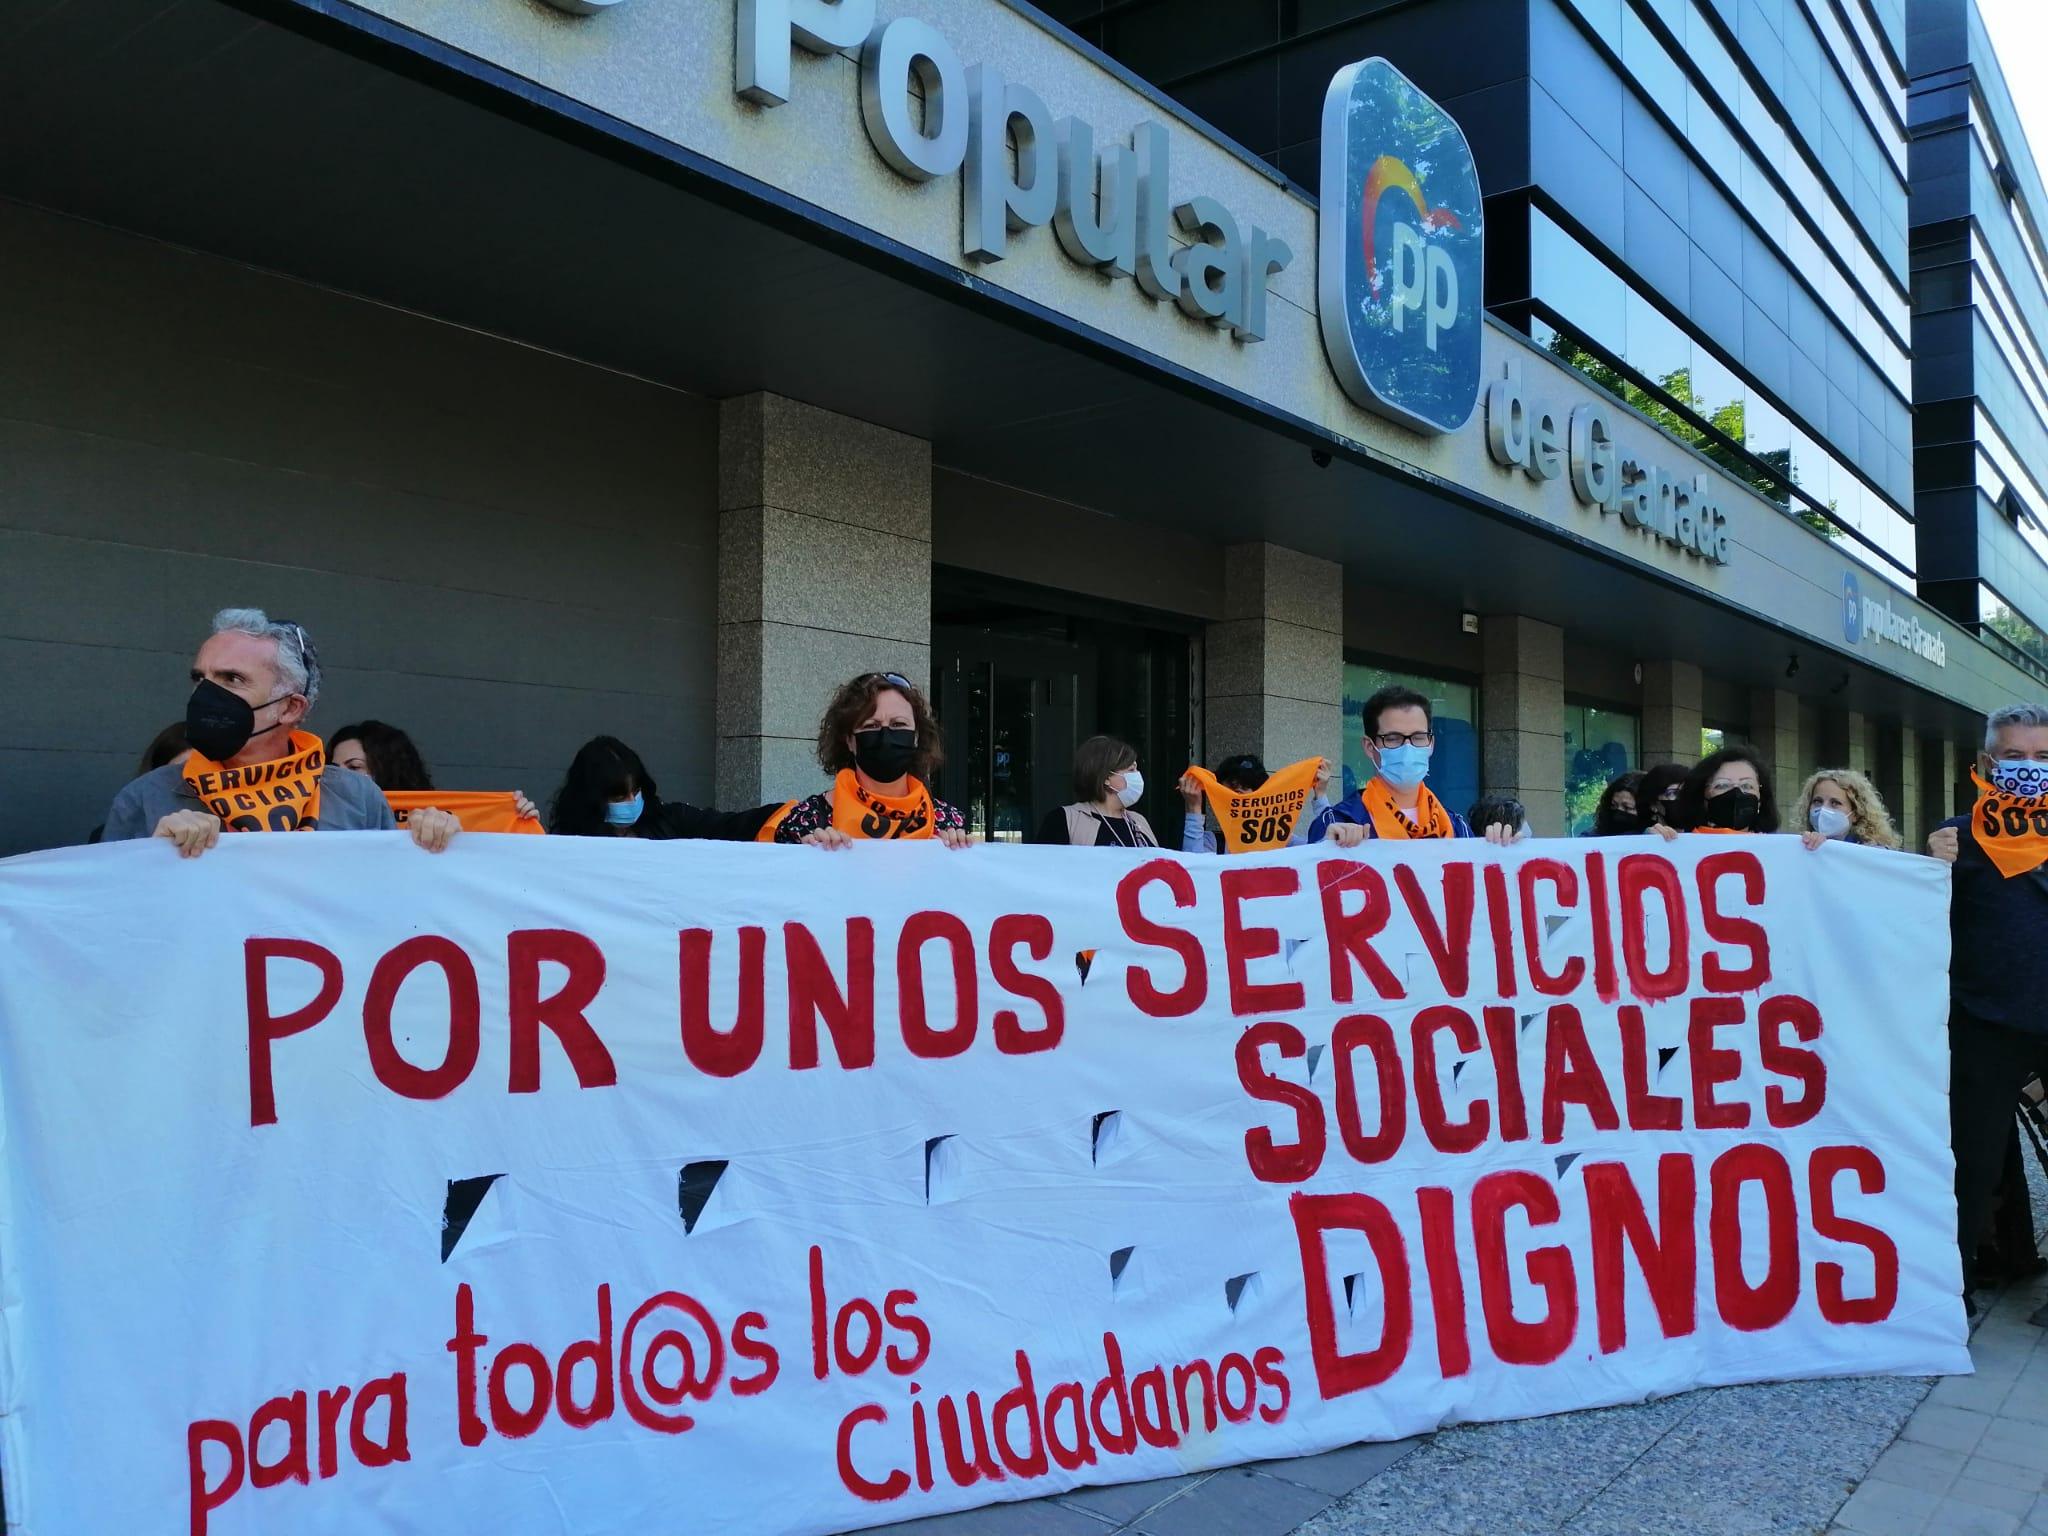 Los trabajadores de derechos sociales se manifiestan ante la sede el PP por unos servicios sociales dignos